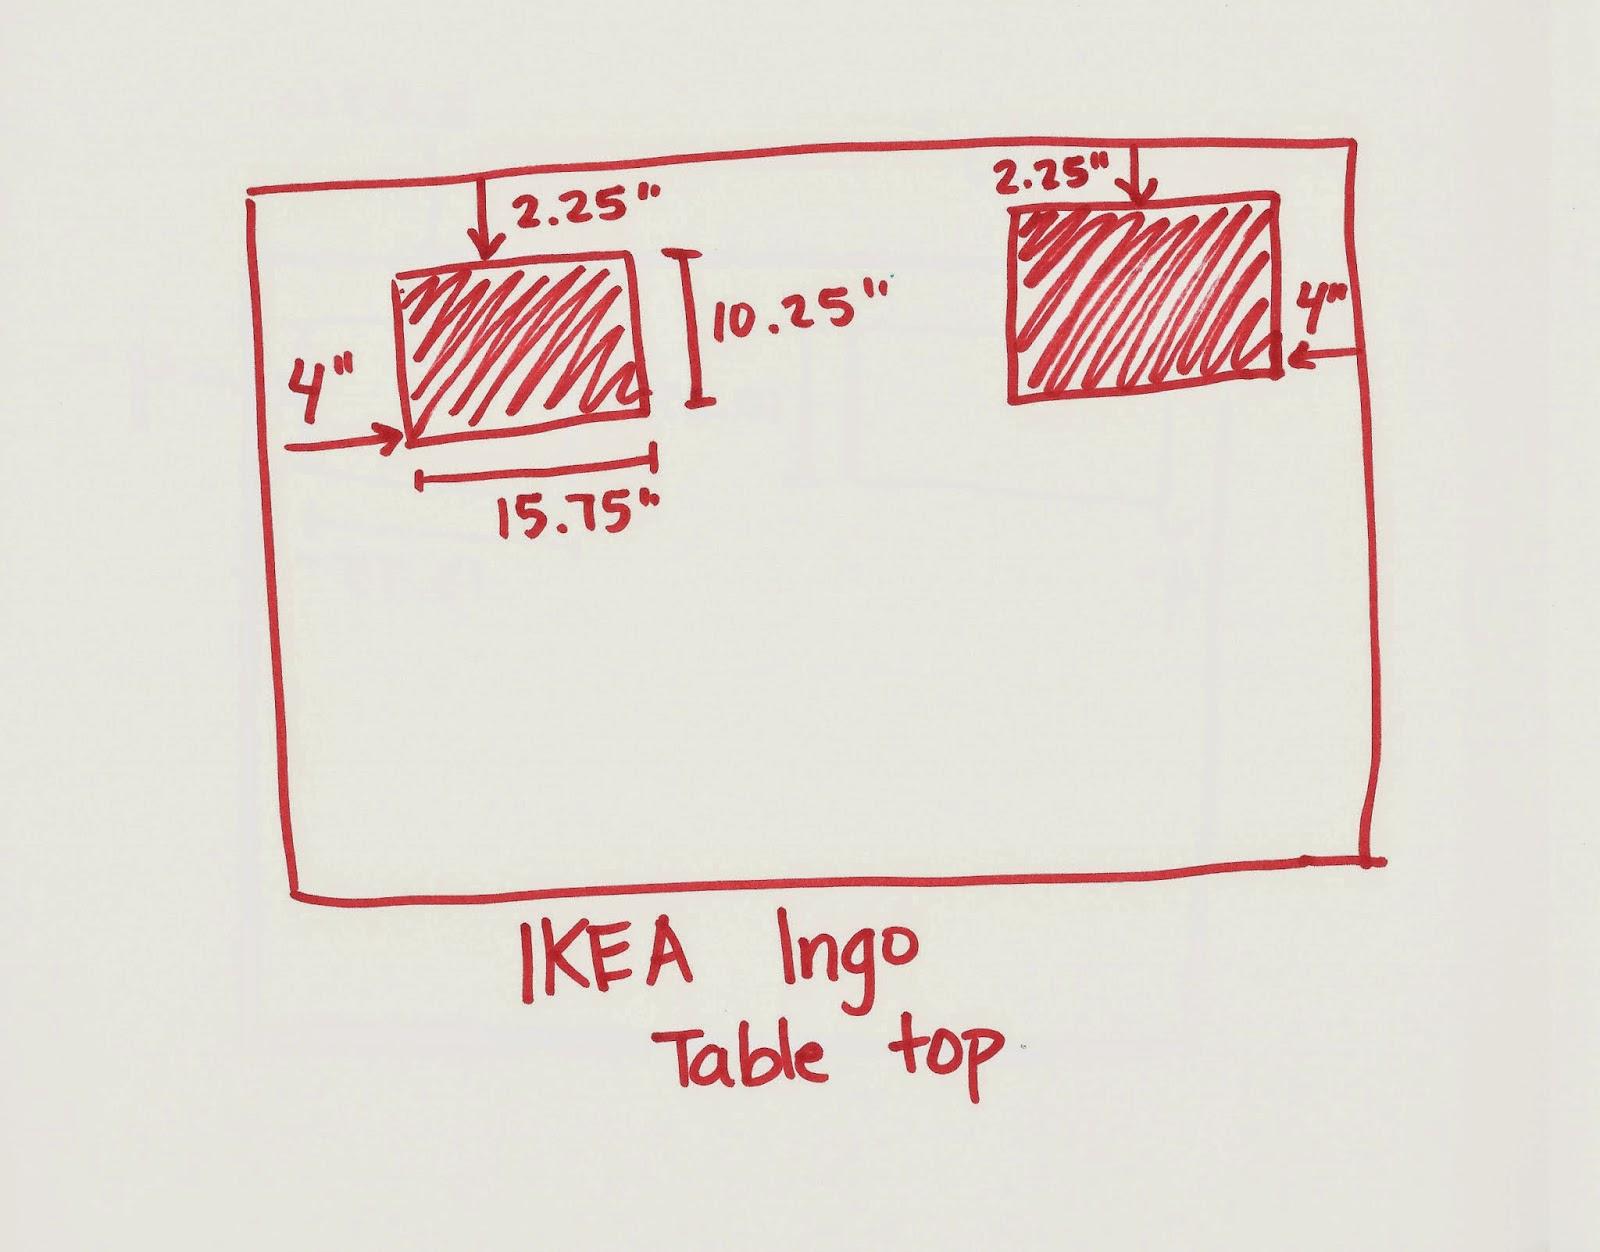 Jugar mesa Ikea 2